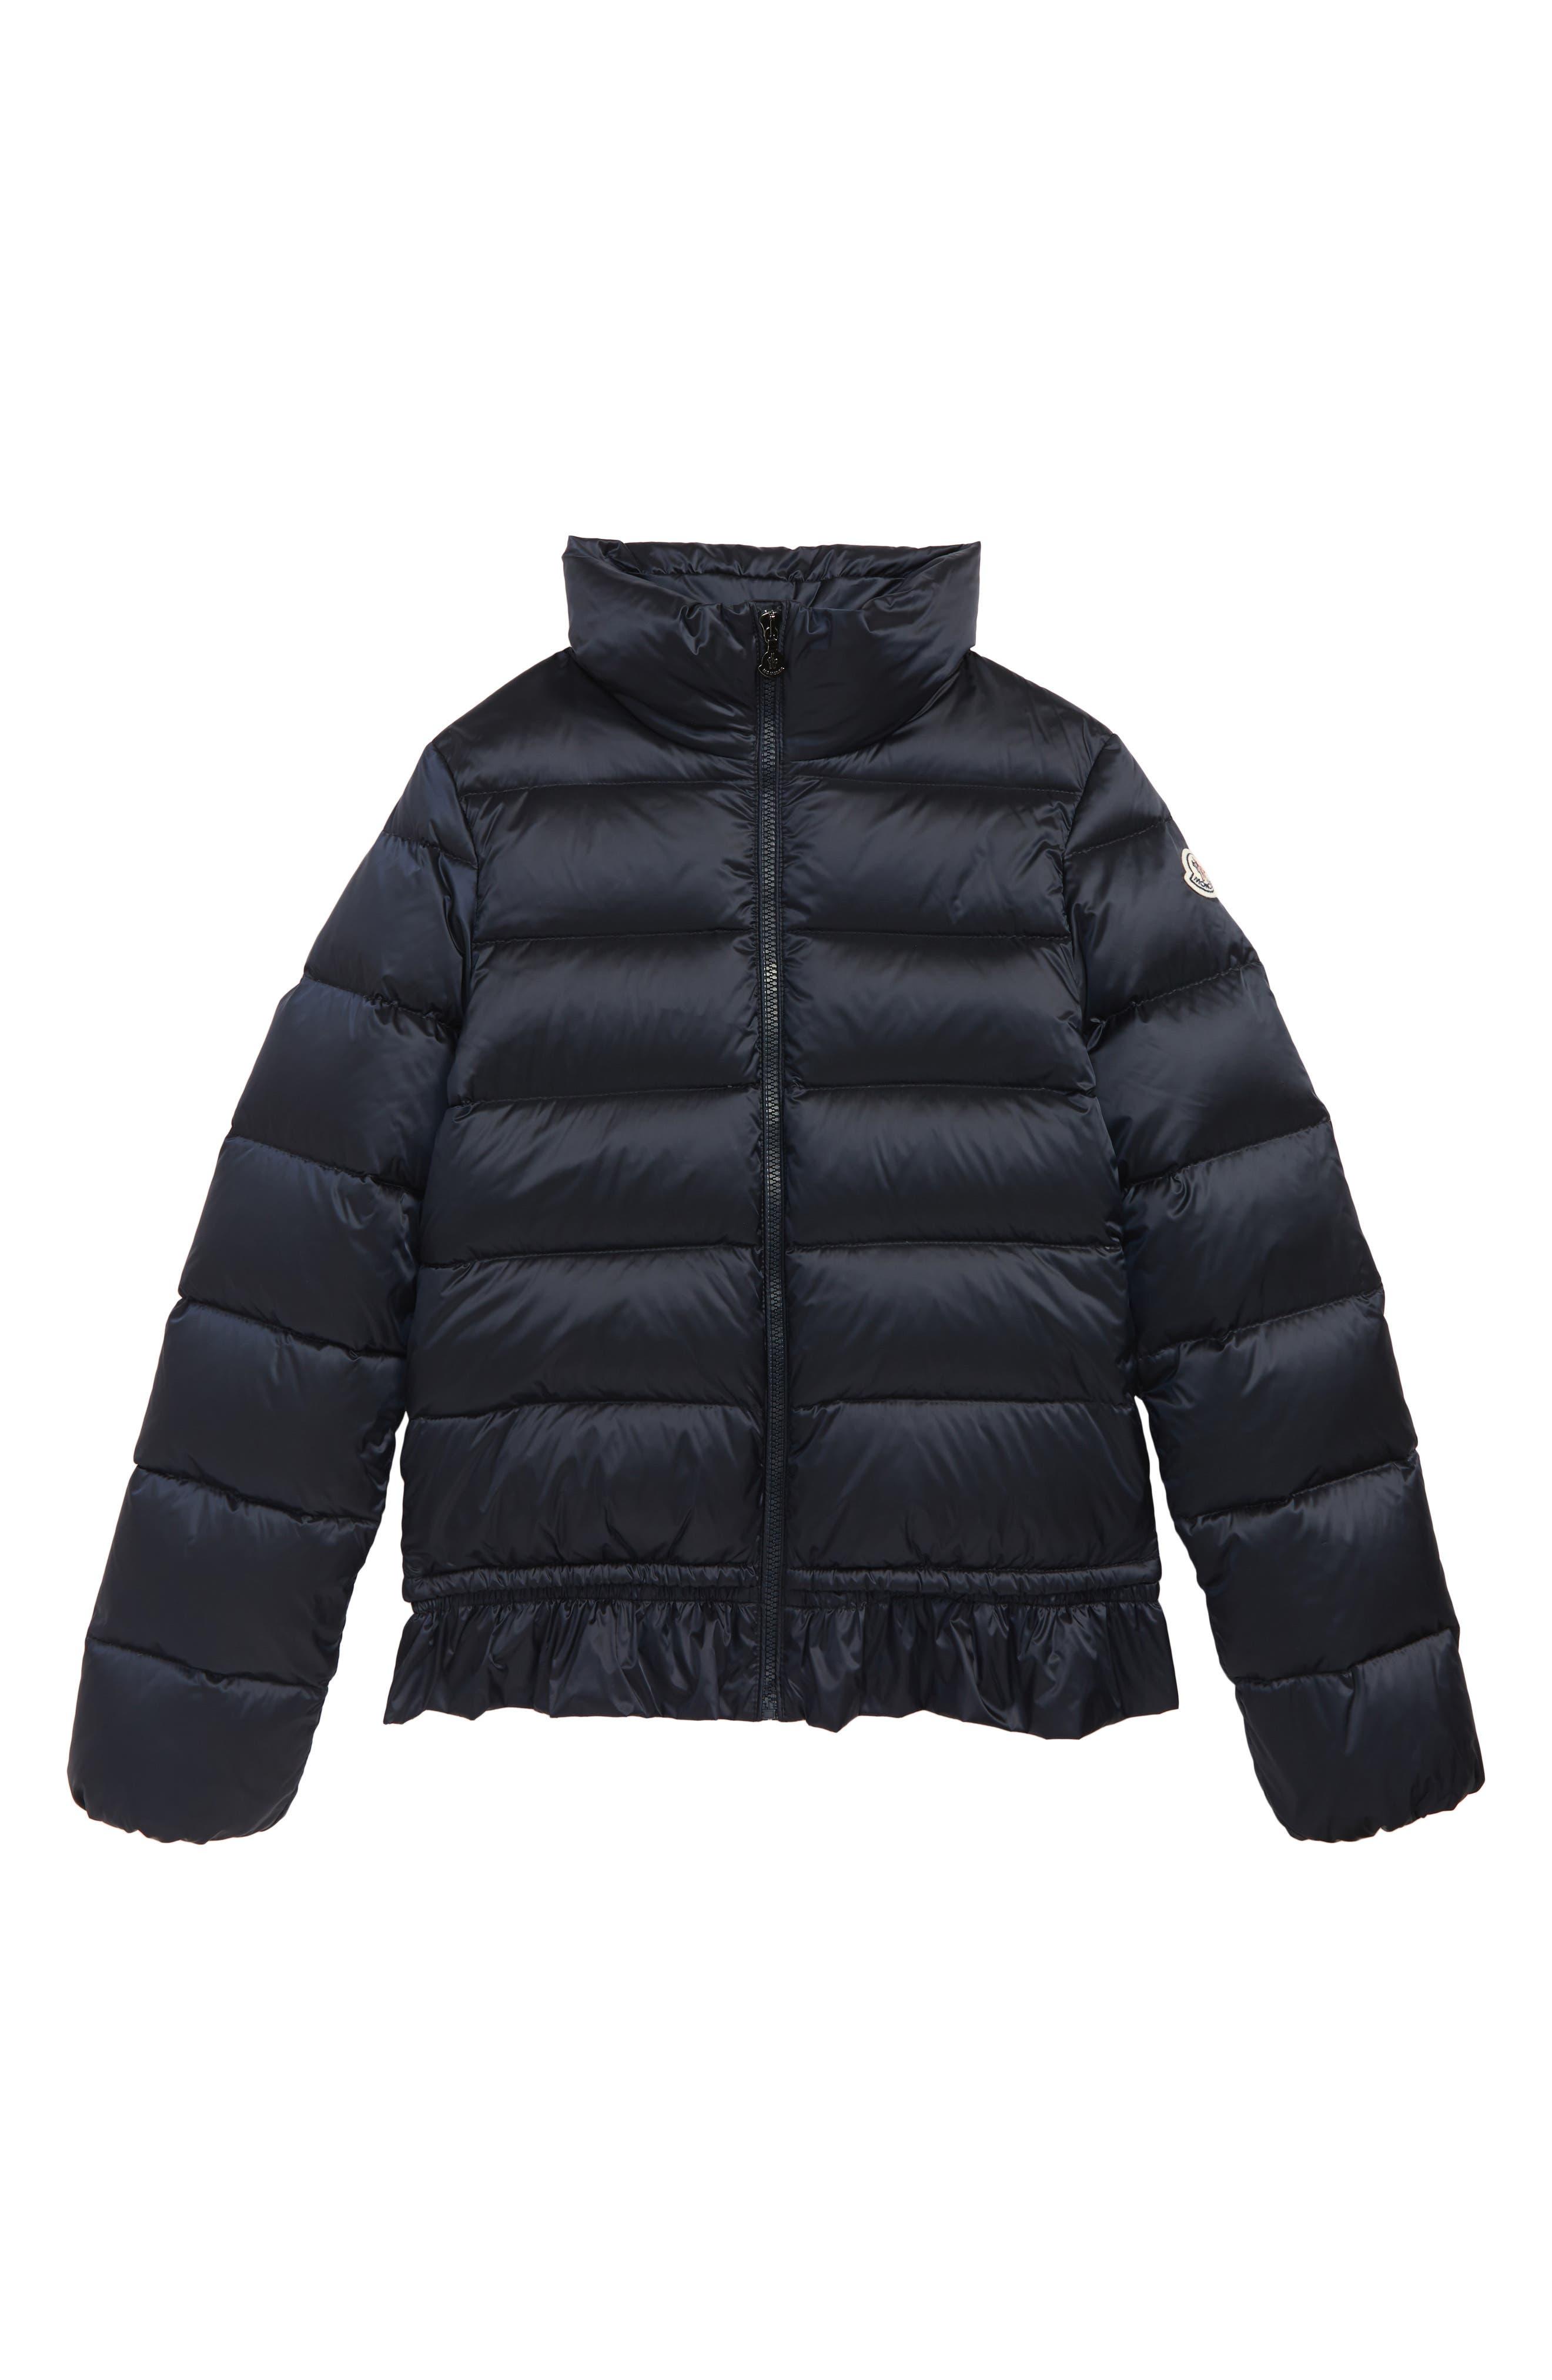 moncler for kids nordstrom rh shop nordstrom com